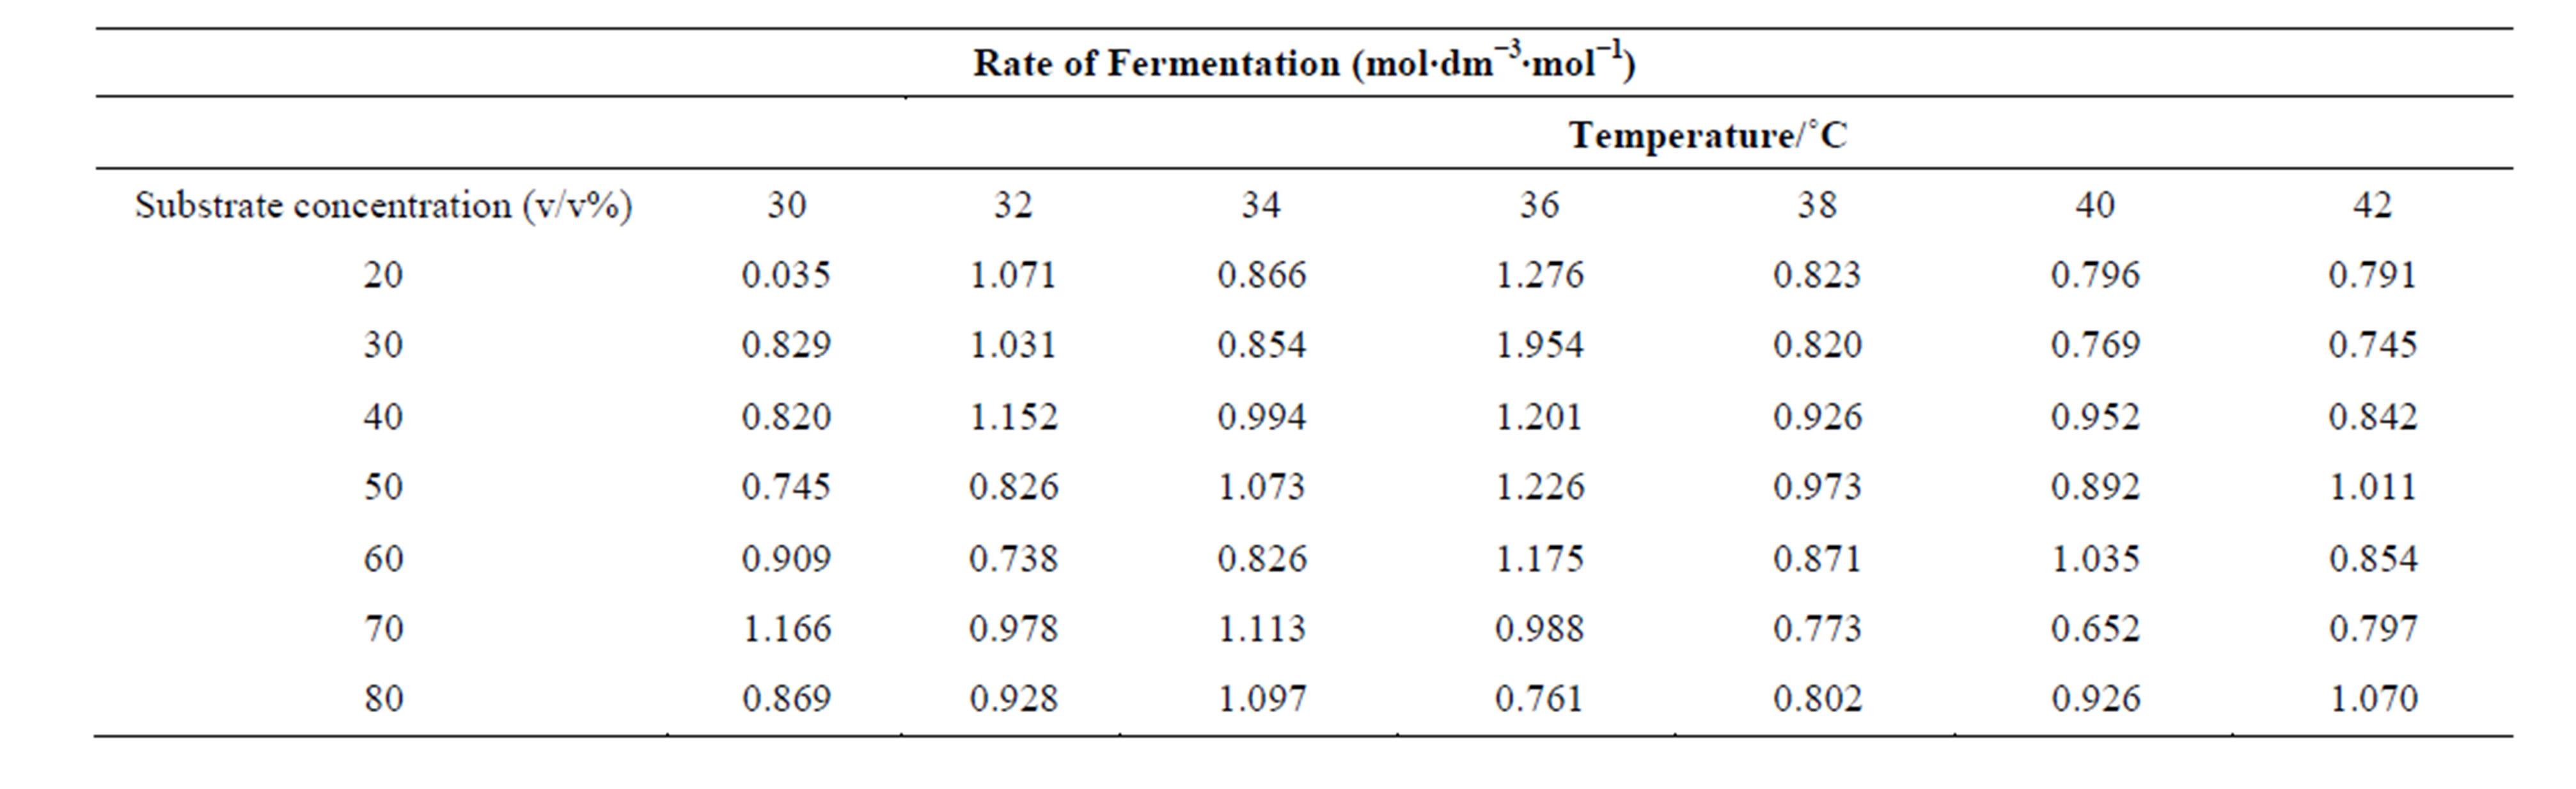 Yeast Fermentation Equation Fermentation of cane sugarYeast Fermentation Equation